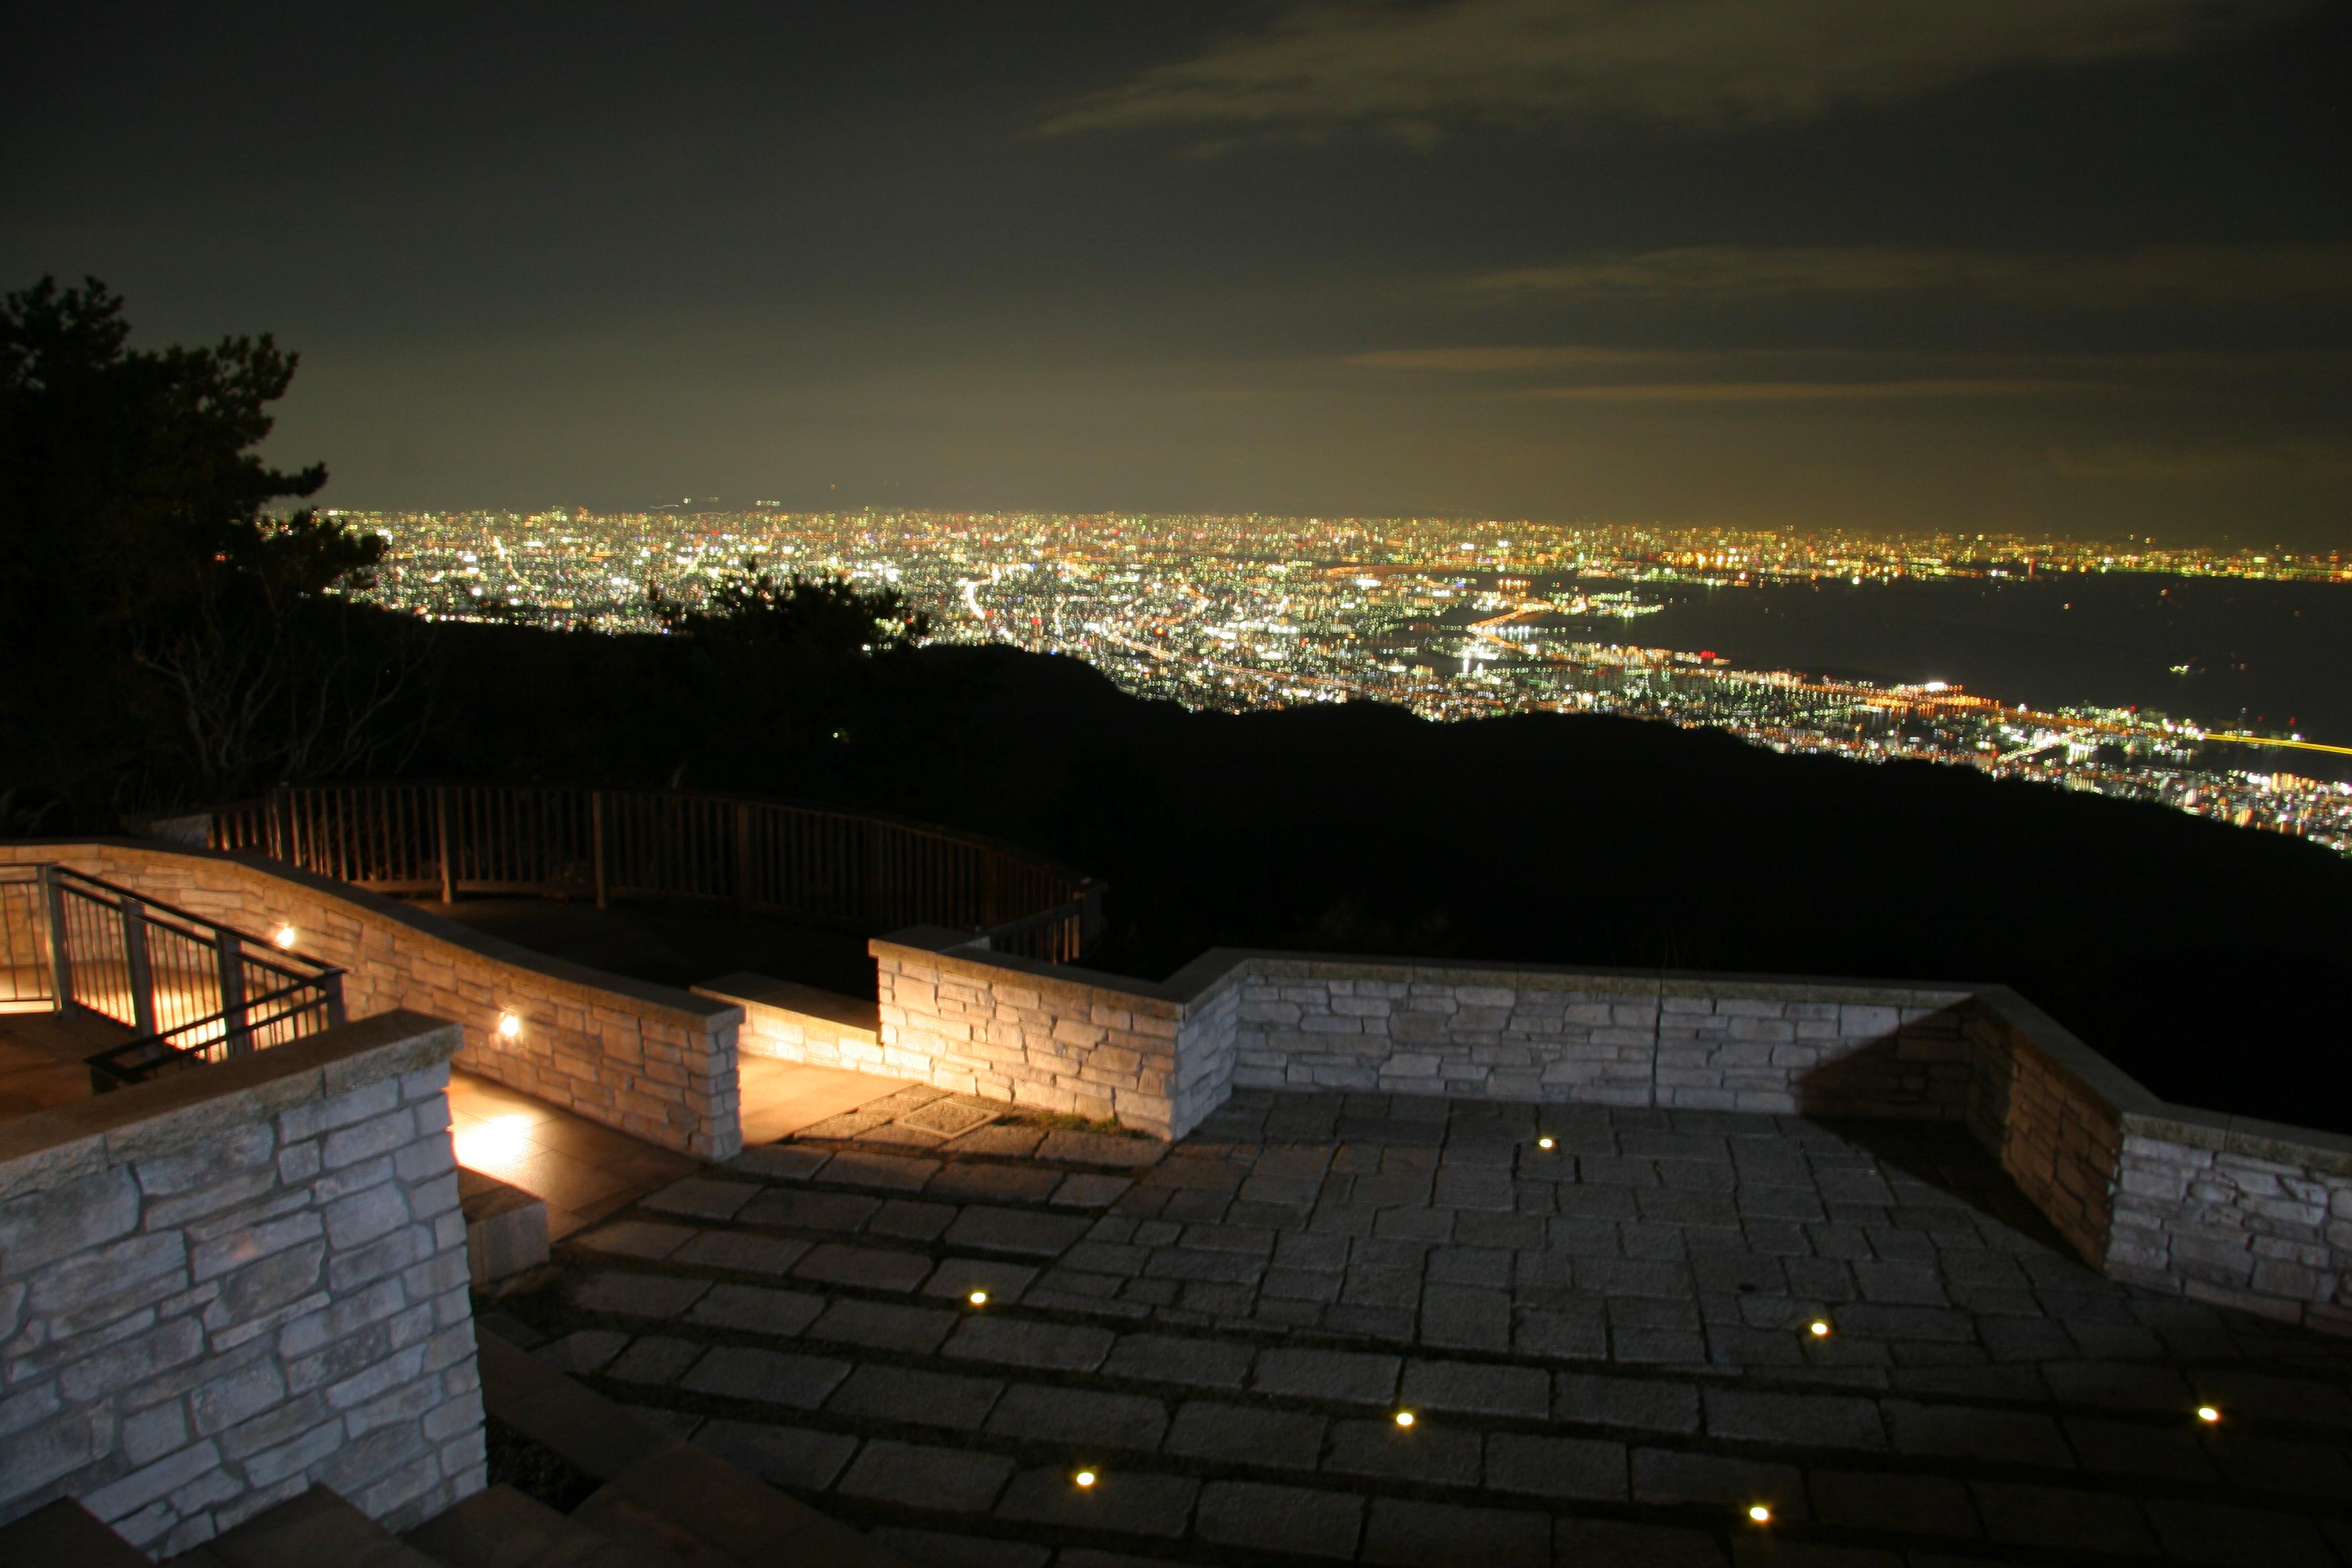 六甲ガーデンテラス 見晴らしのテラスからの夜景